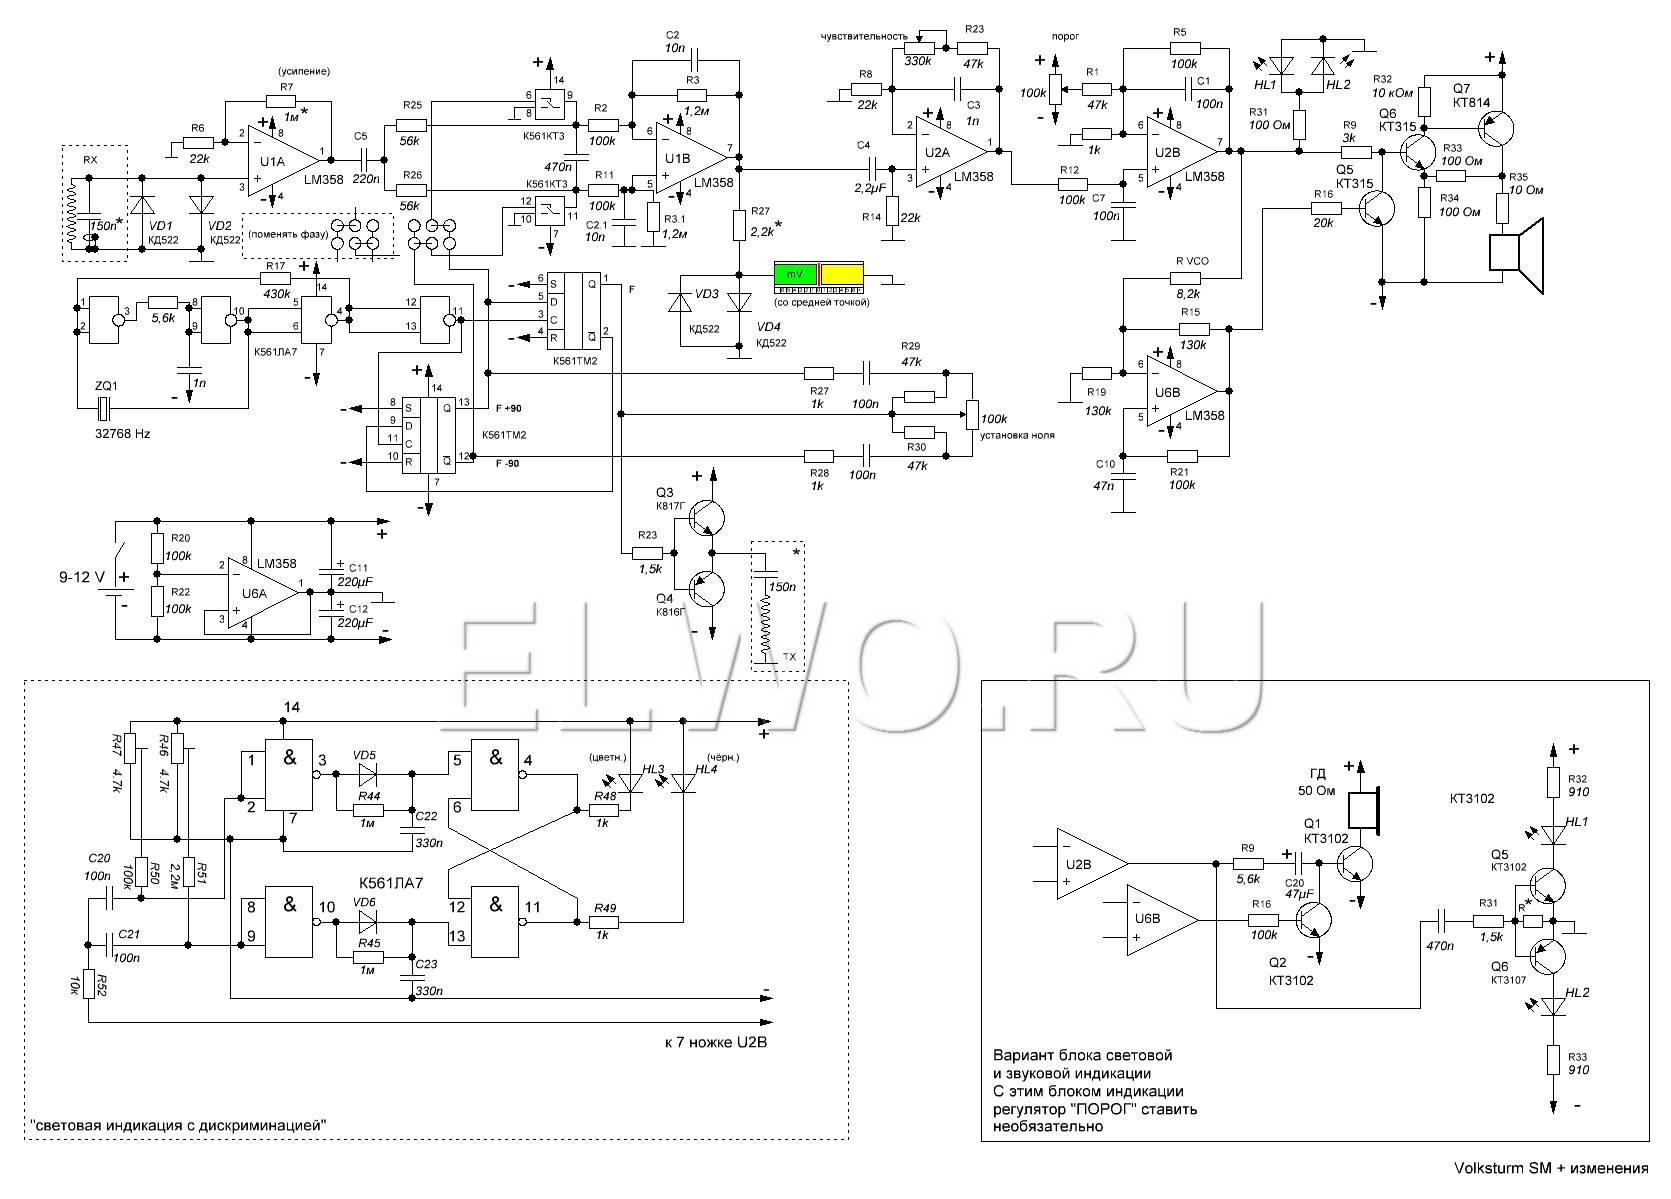 Принципиальная. схема металлоискателя.